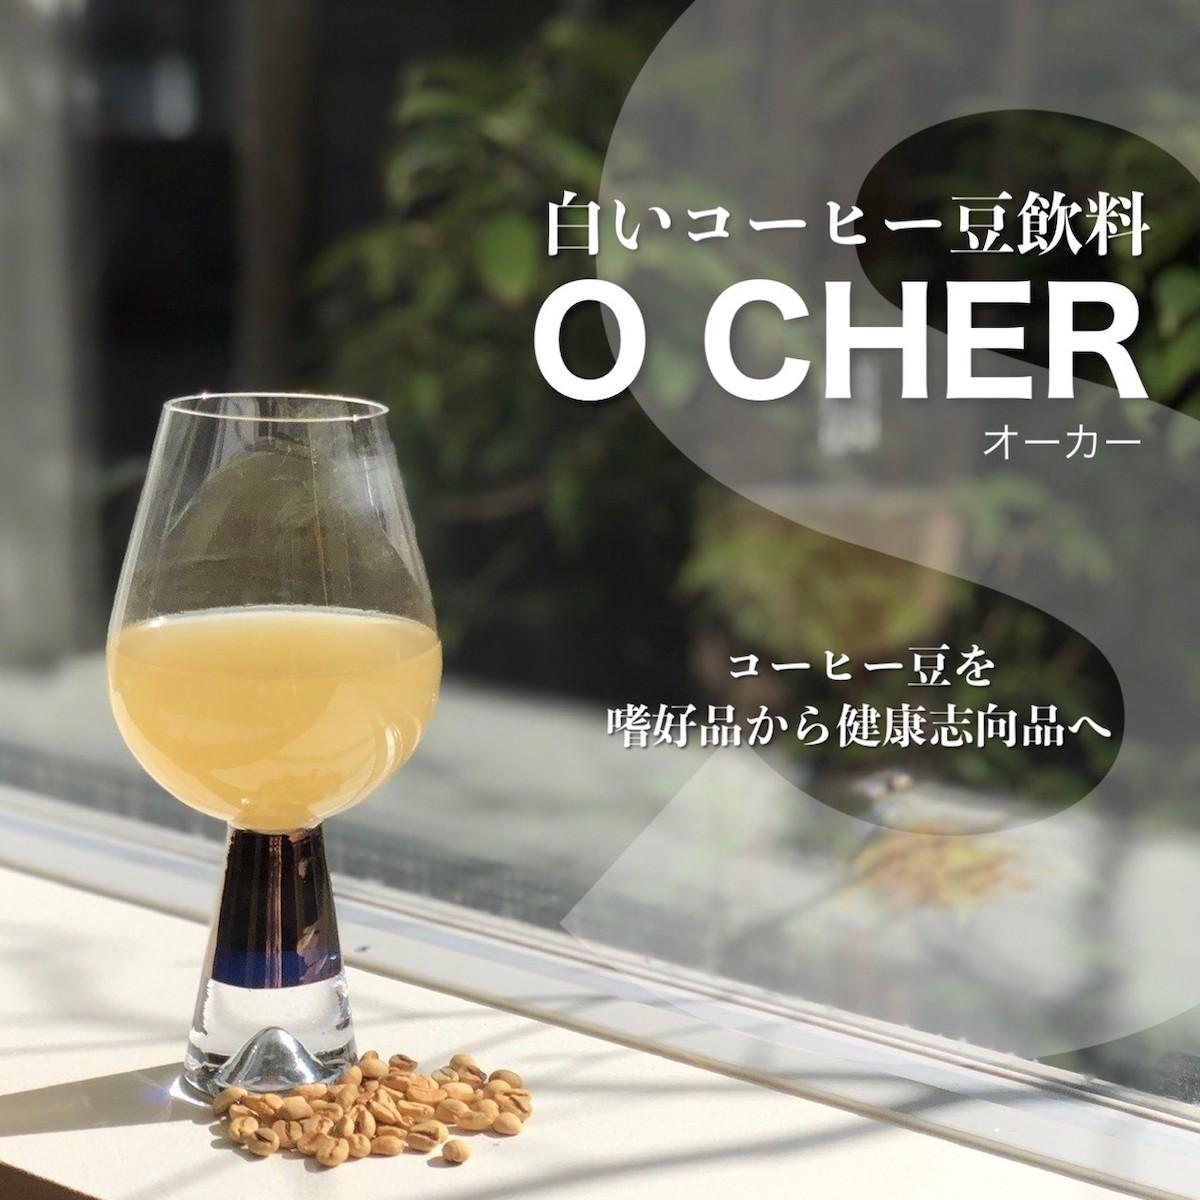 もうコーヒーじゃない・・・?白いコーヒー豆飲料【O CHER/オーカー】とは?